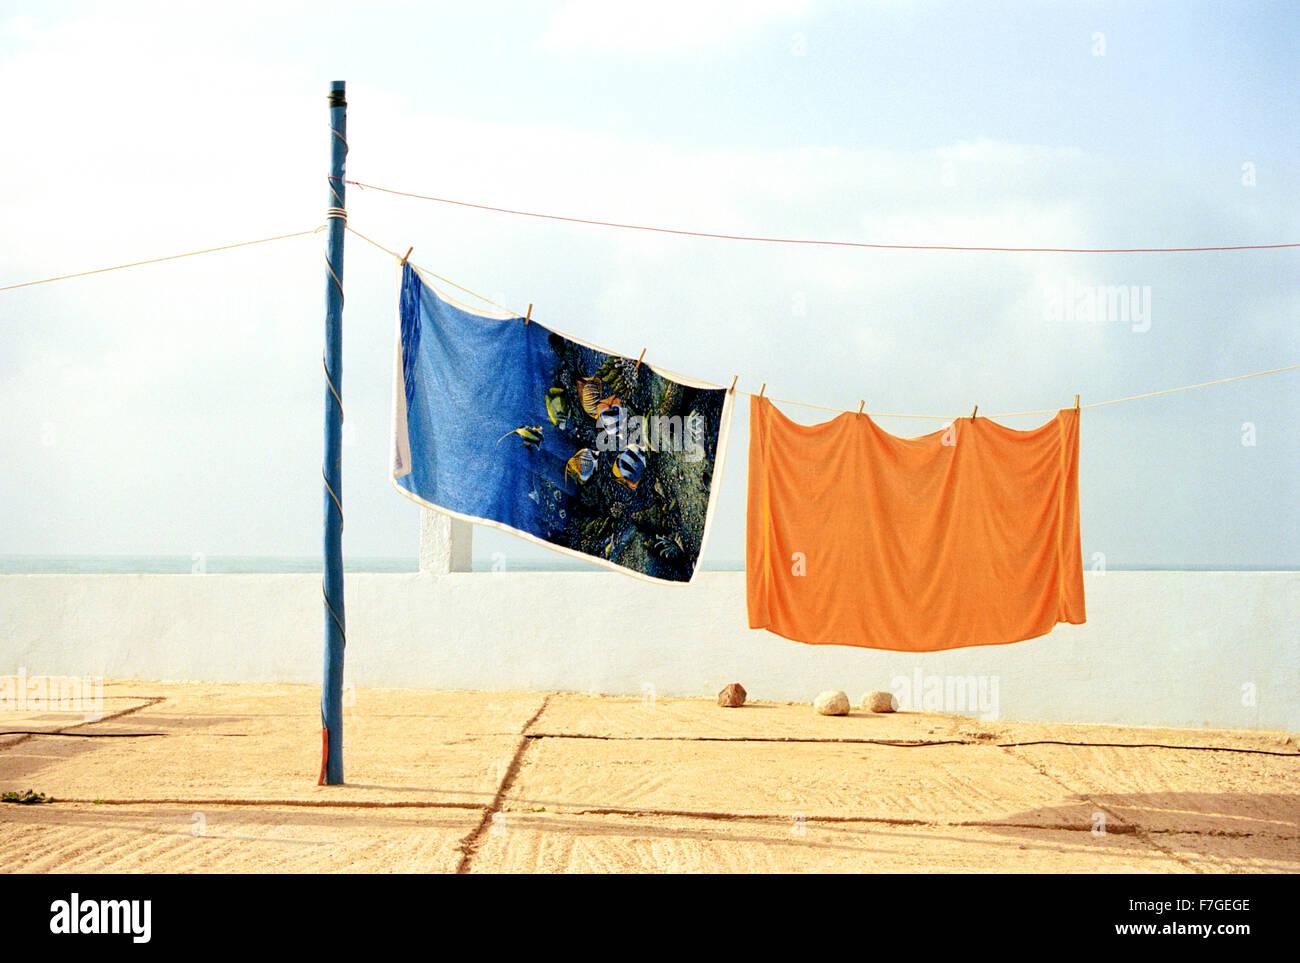 Coloridas toallas de playa a mano seca en un camping en Sidi Ifni. Marruecos Imagen De Stock